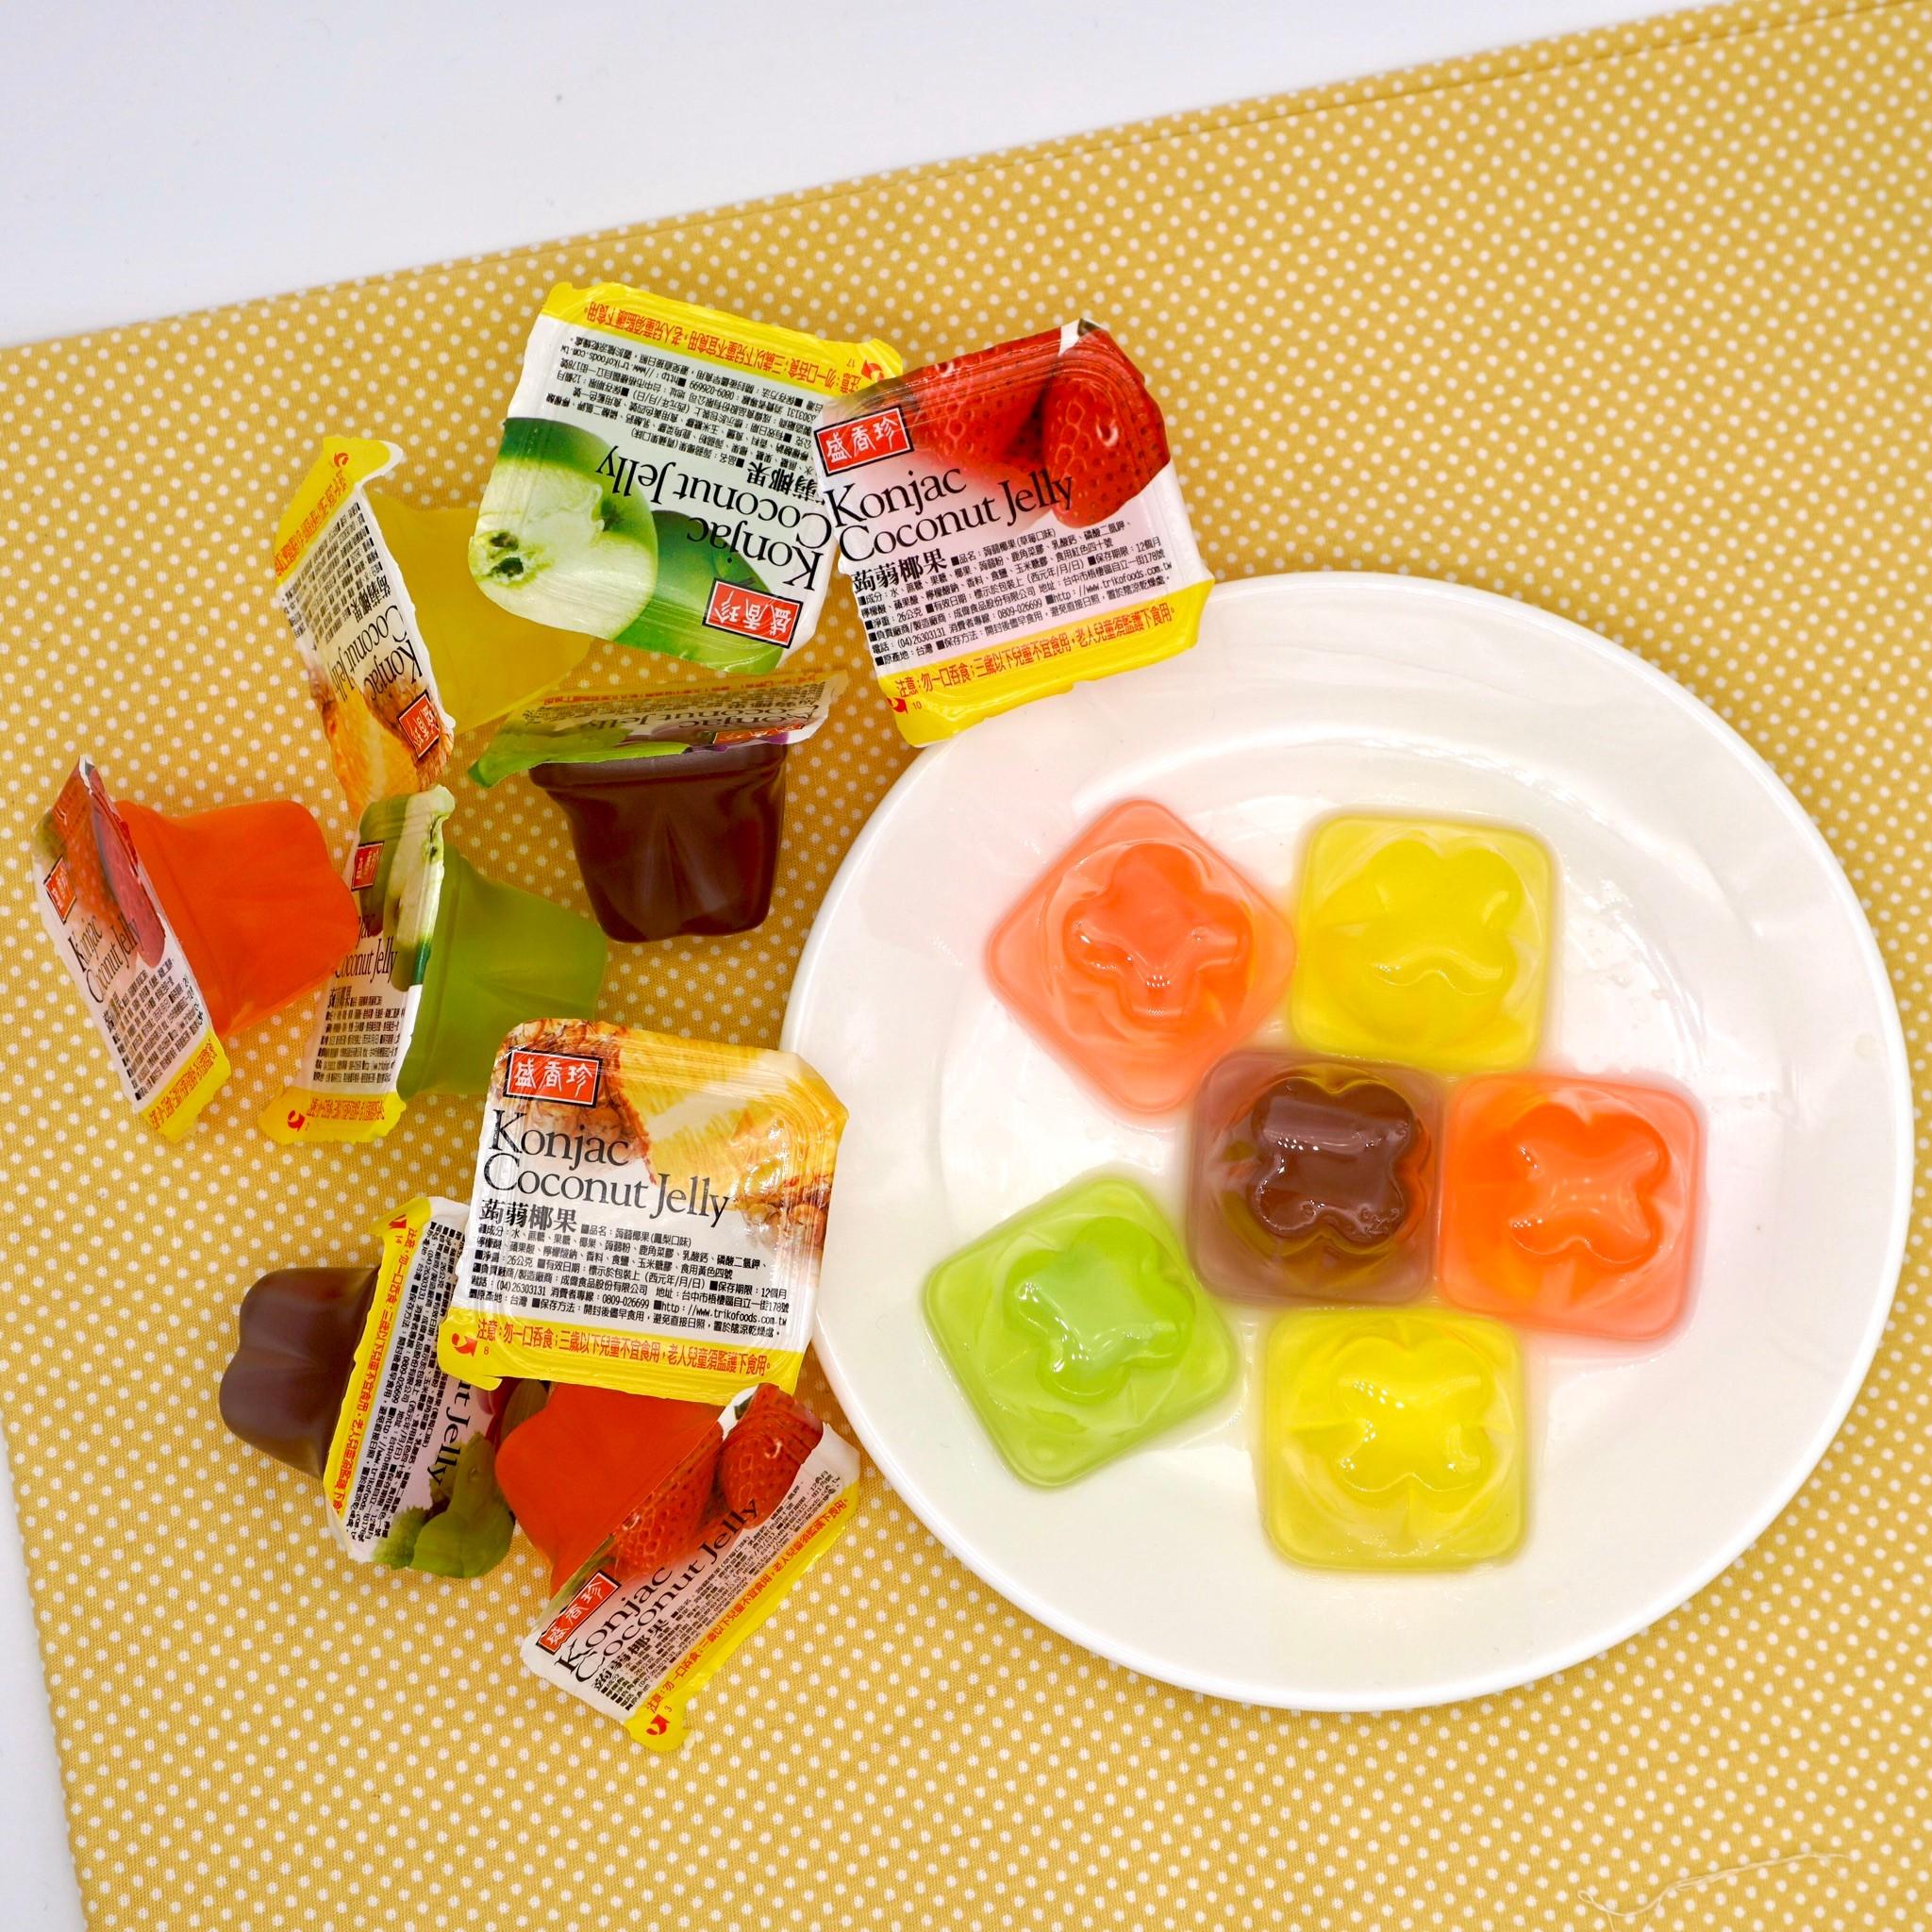 嘴甜甜 盛香珍蒟蒻椰果果凍 200公克 果凍系列 葡萄 草莓 鳳梨 蘋果 水果 果凍 蒟蒻 盛香珍 椰果 素食 現貨